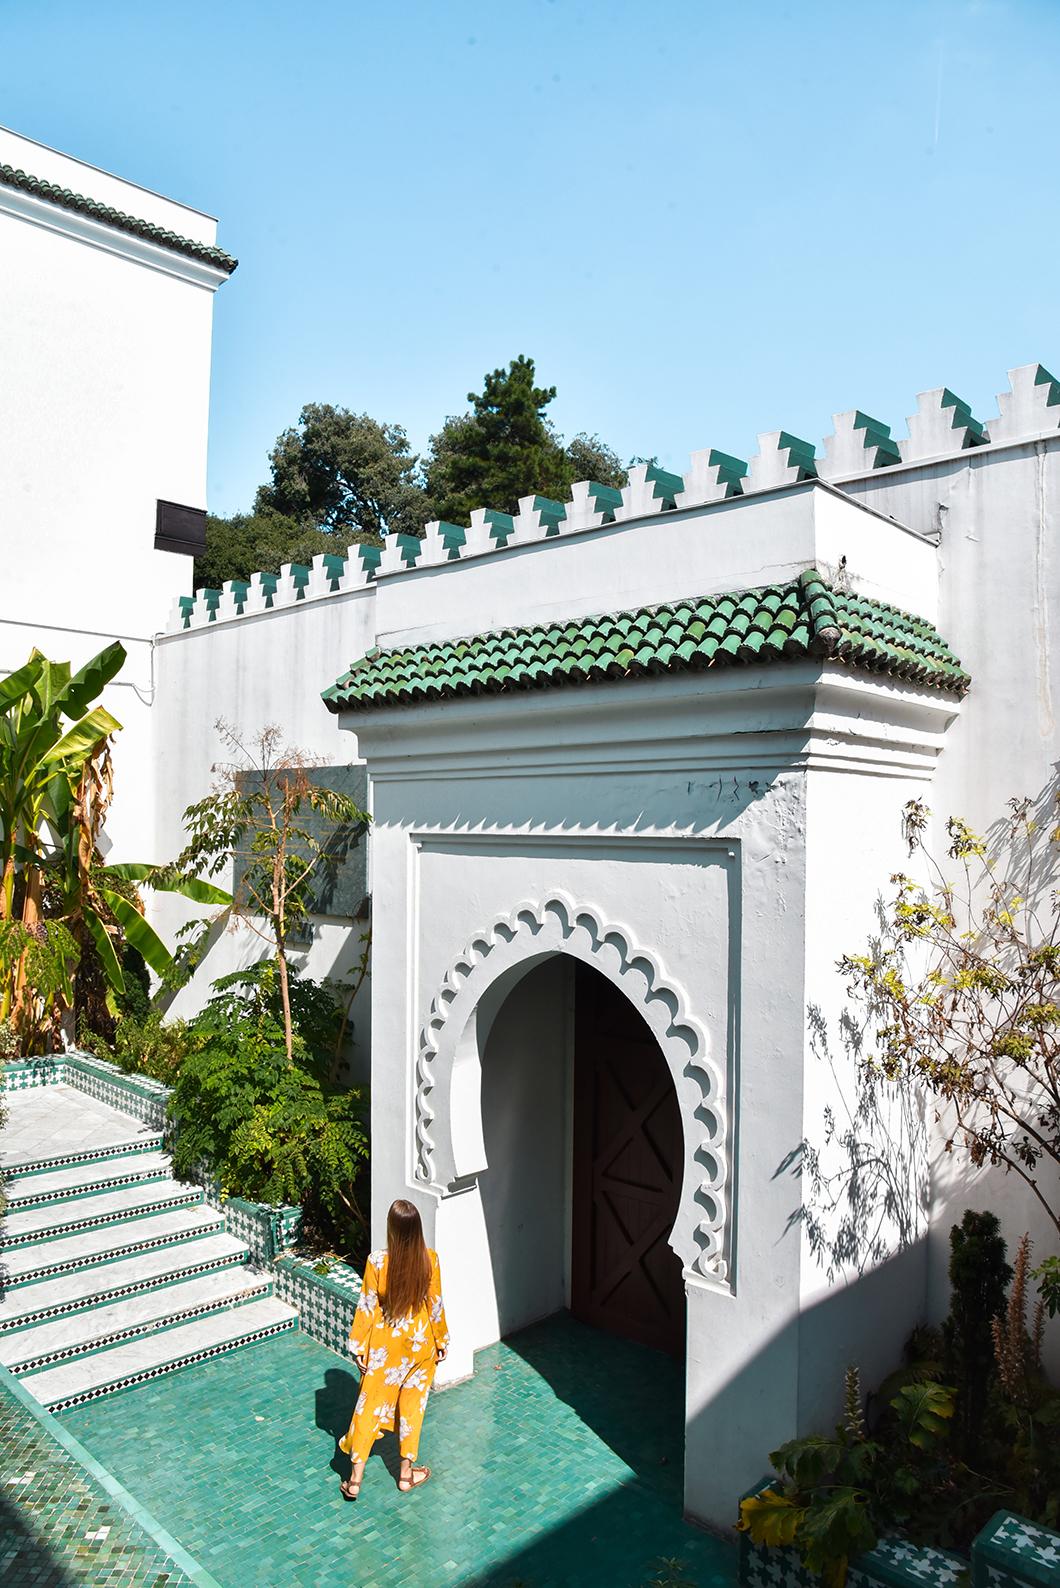 Découvrir les endroits insolites de Paris - La Grande Mosquée